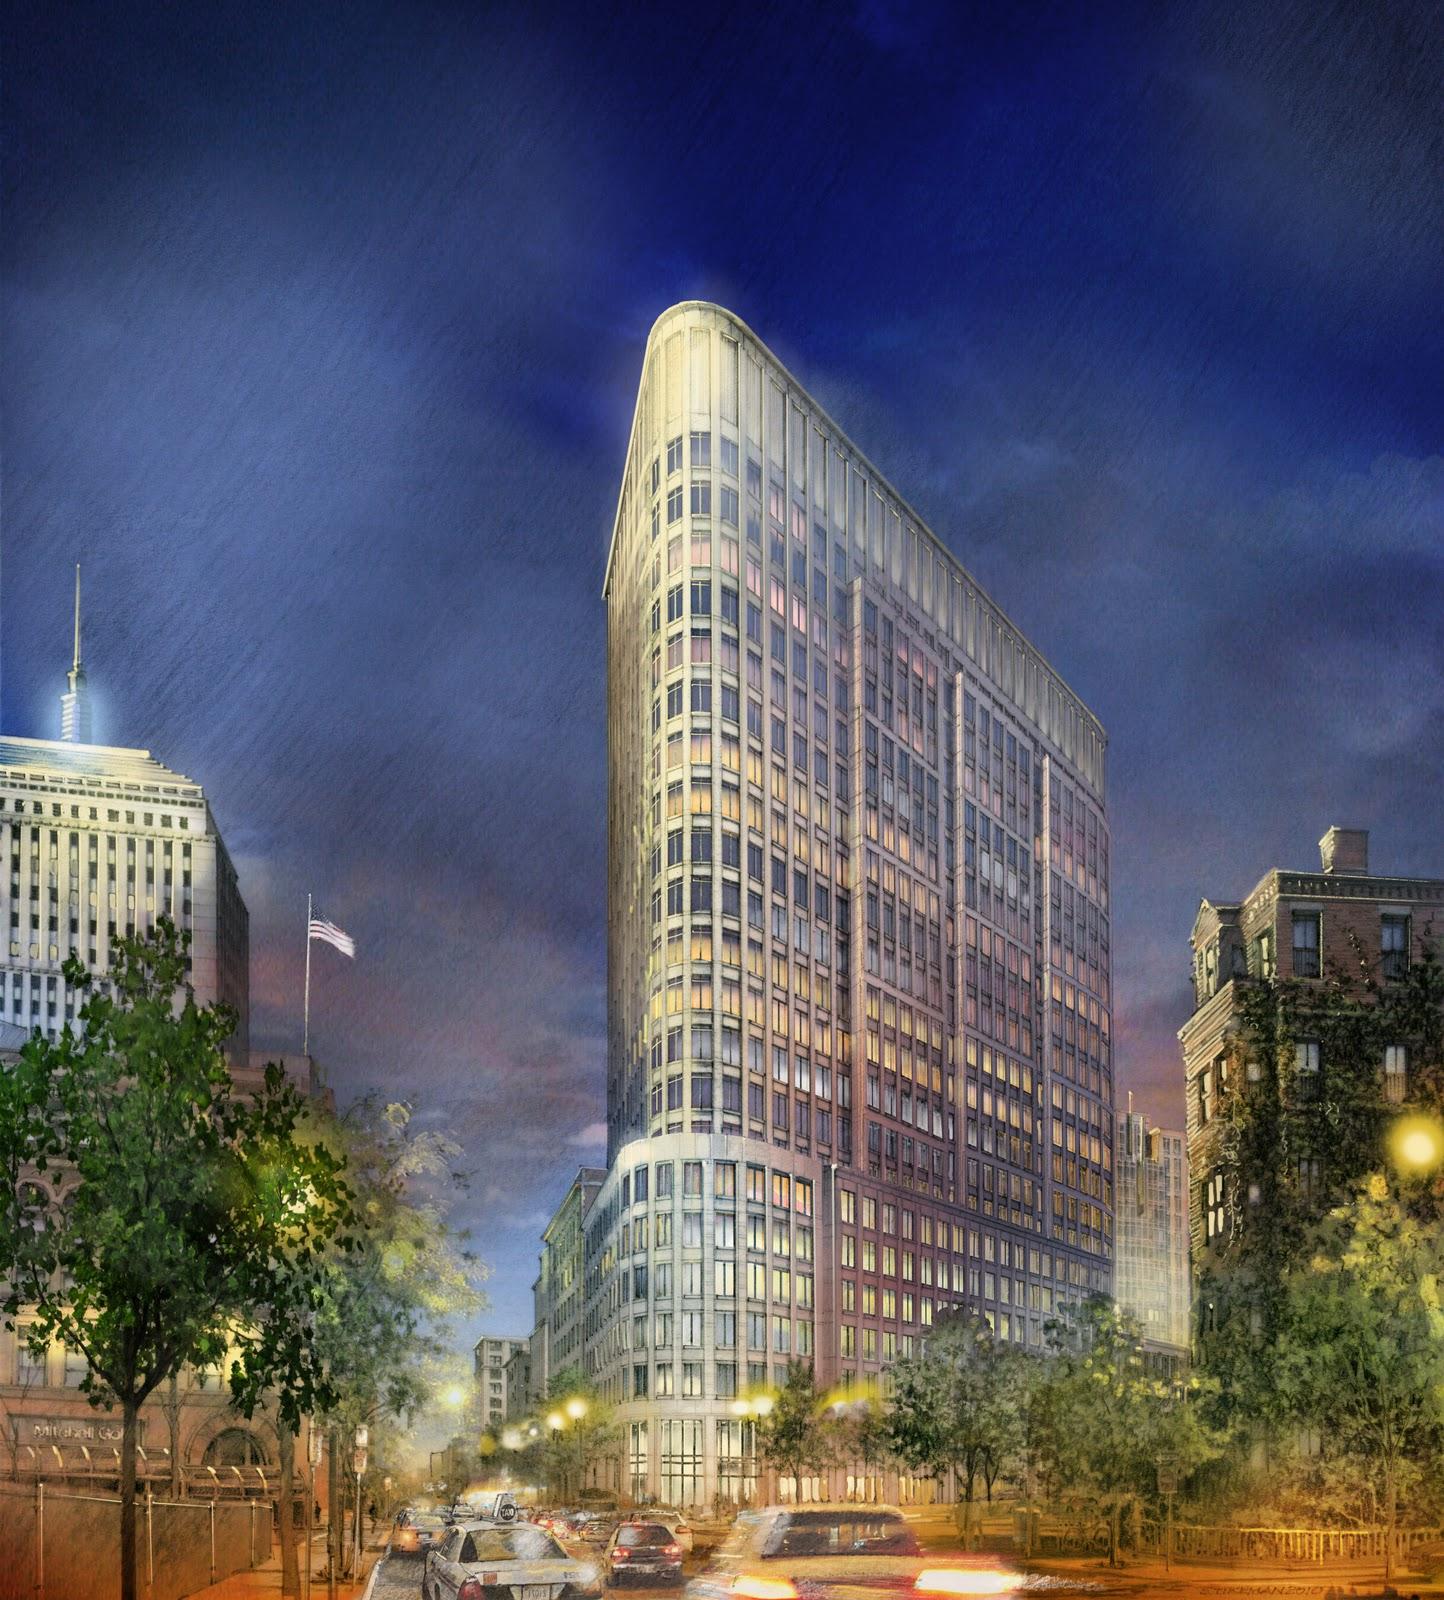 Illustration: Jeff Stikeman for CBT Architects